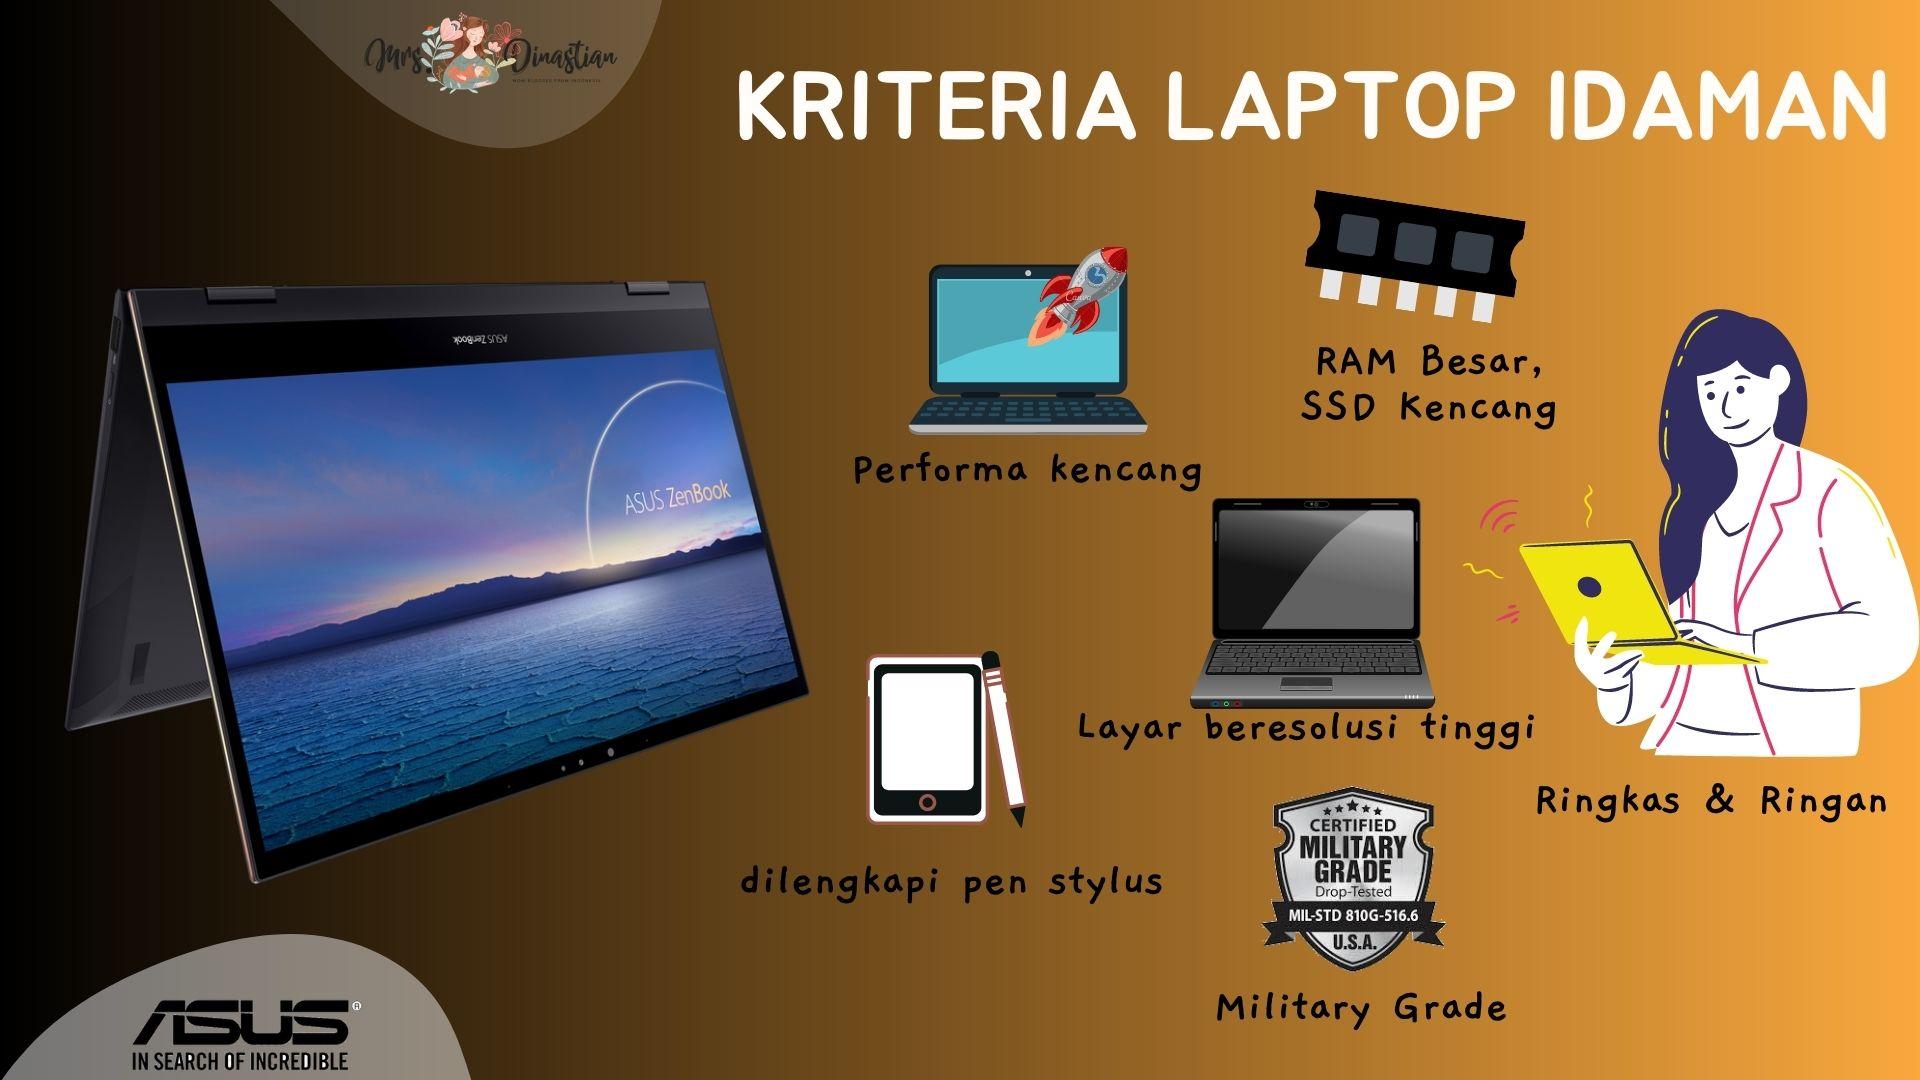 Kriteria Laptop Idaman